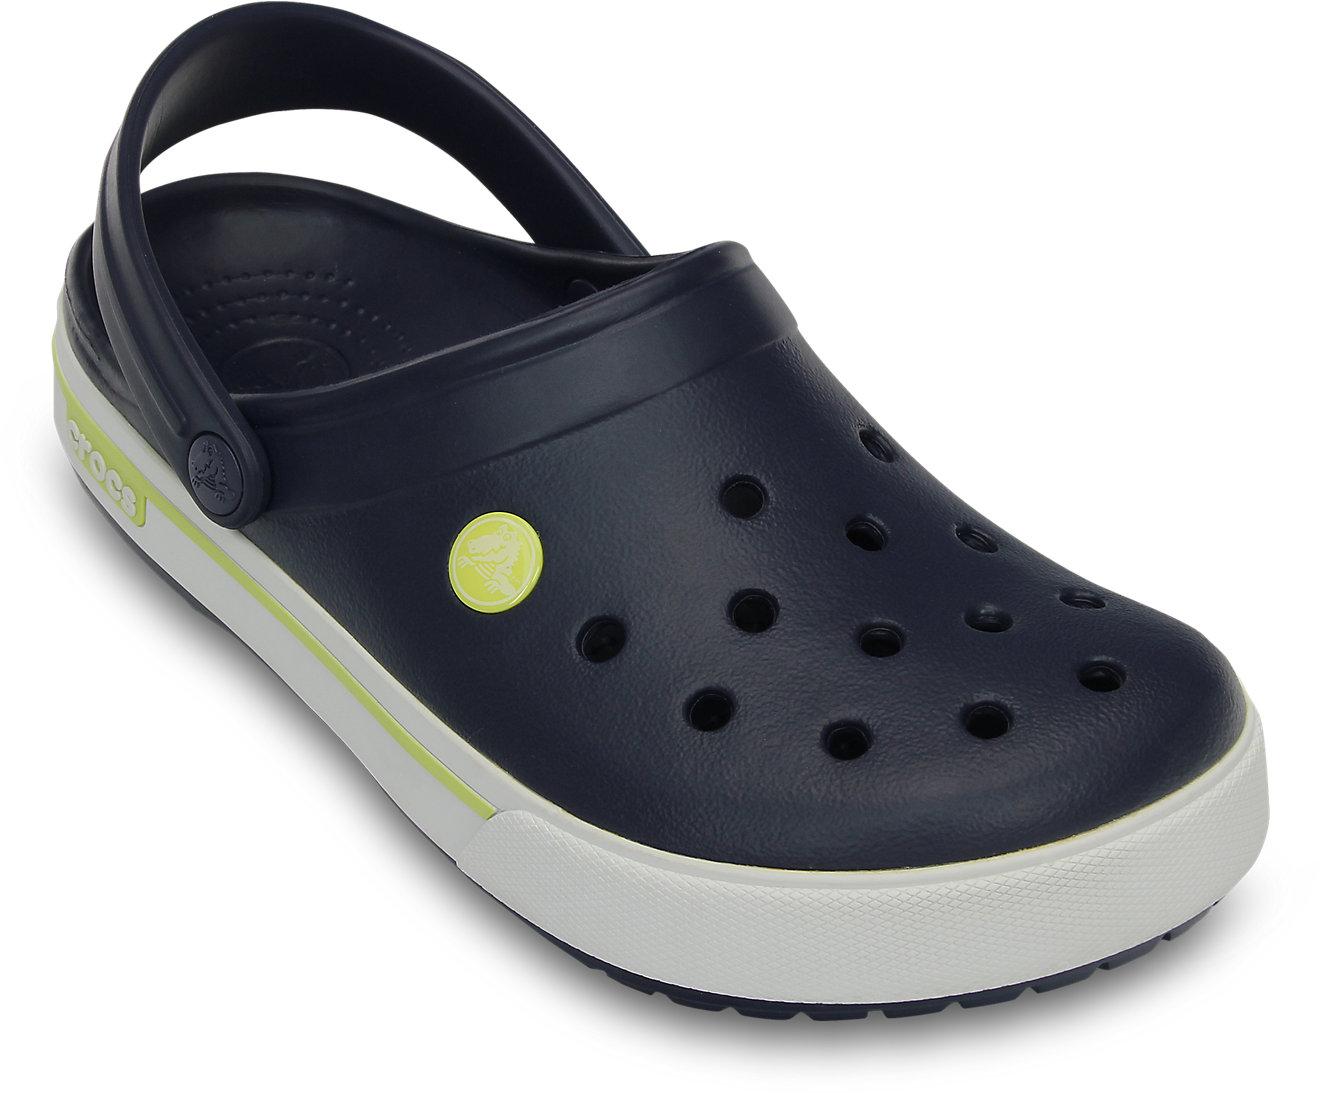 nowy produkt sprzedaż sprzedawca hurtowy Crocs - Unisex Crocband II.5 Clog Shoes